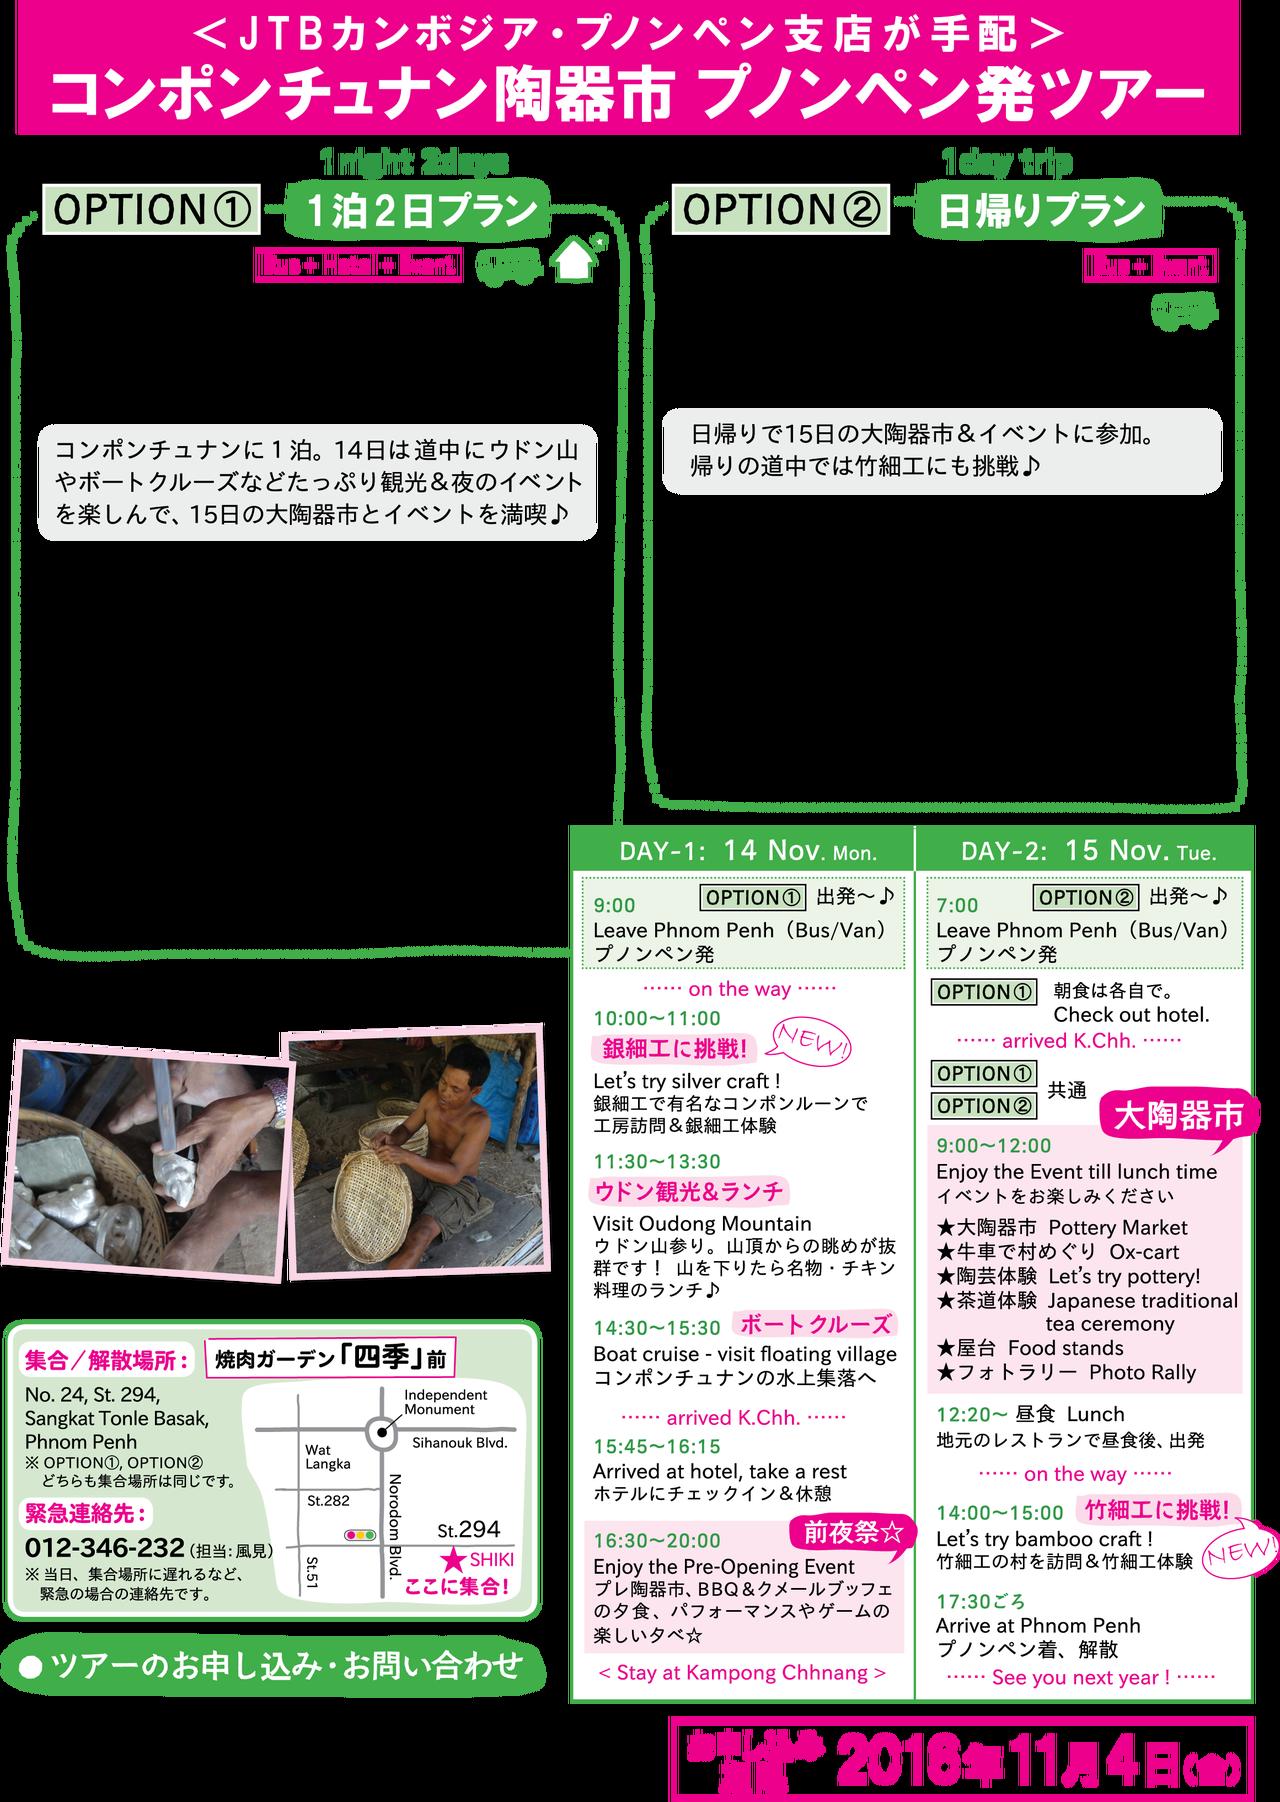 KChh-Fes-2016_A4_JP_color_2P_RVS_ol